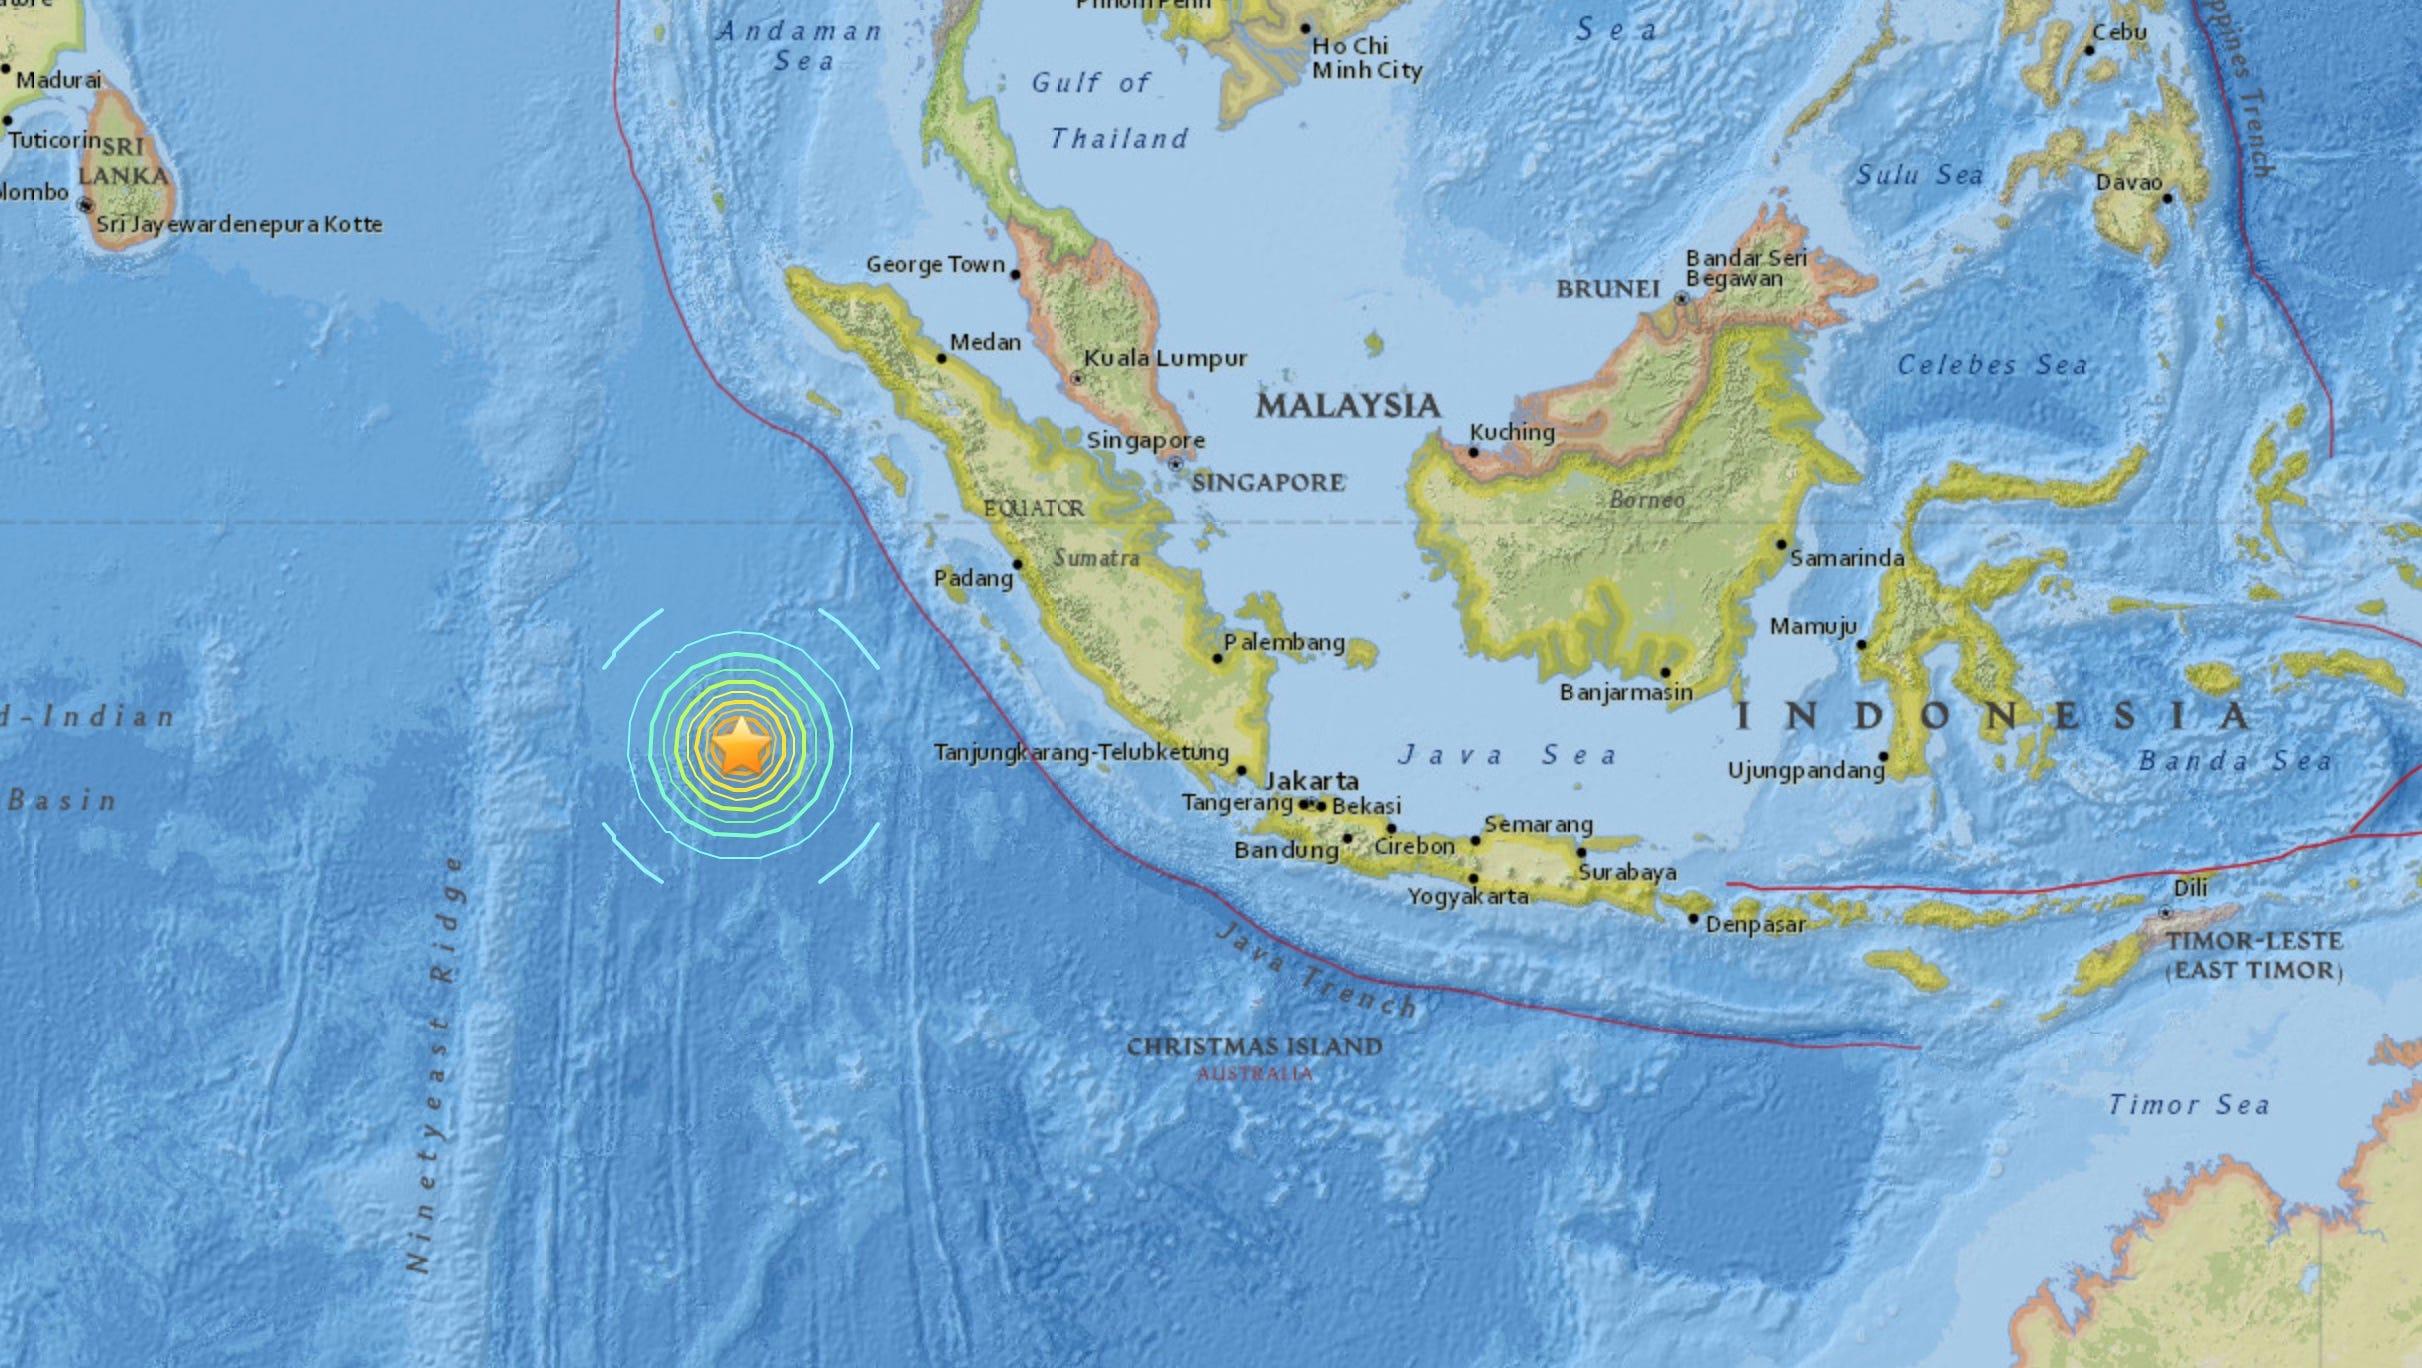 7 8 quake hits indonesia tsunami warning lifted